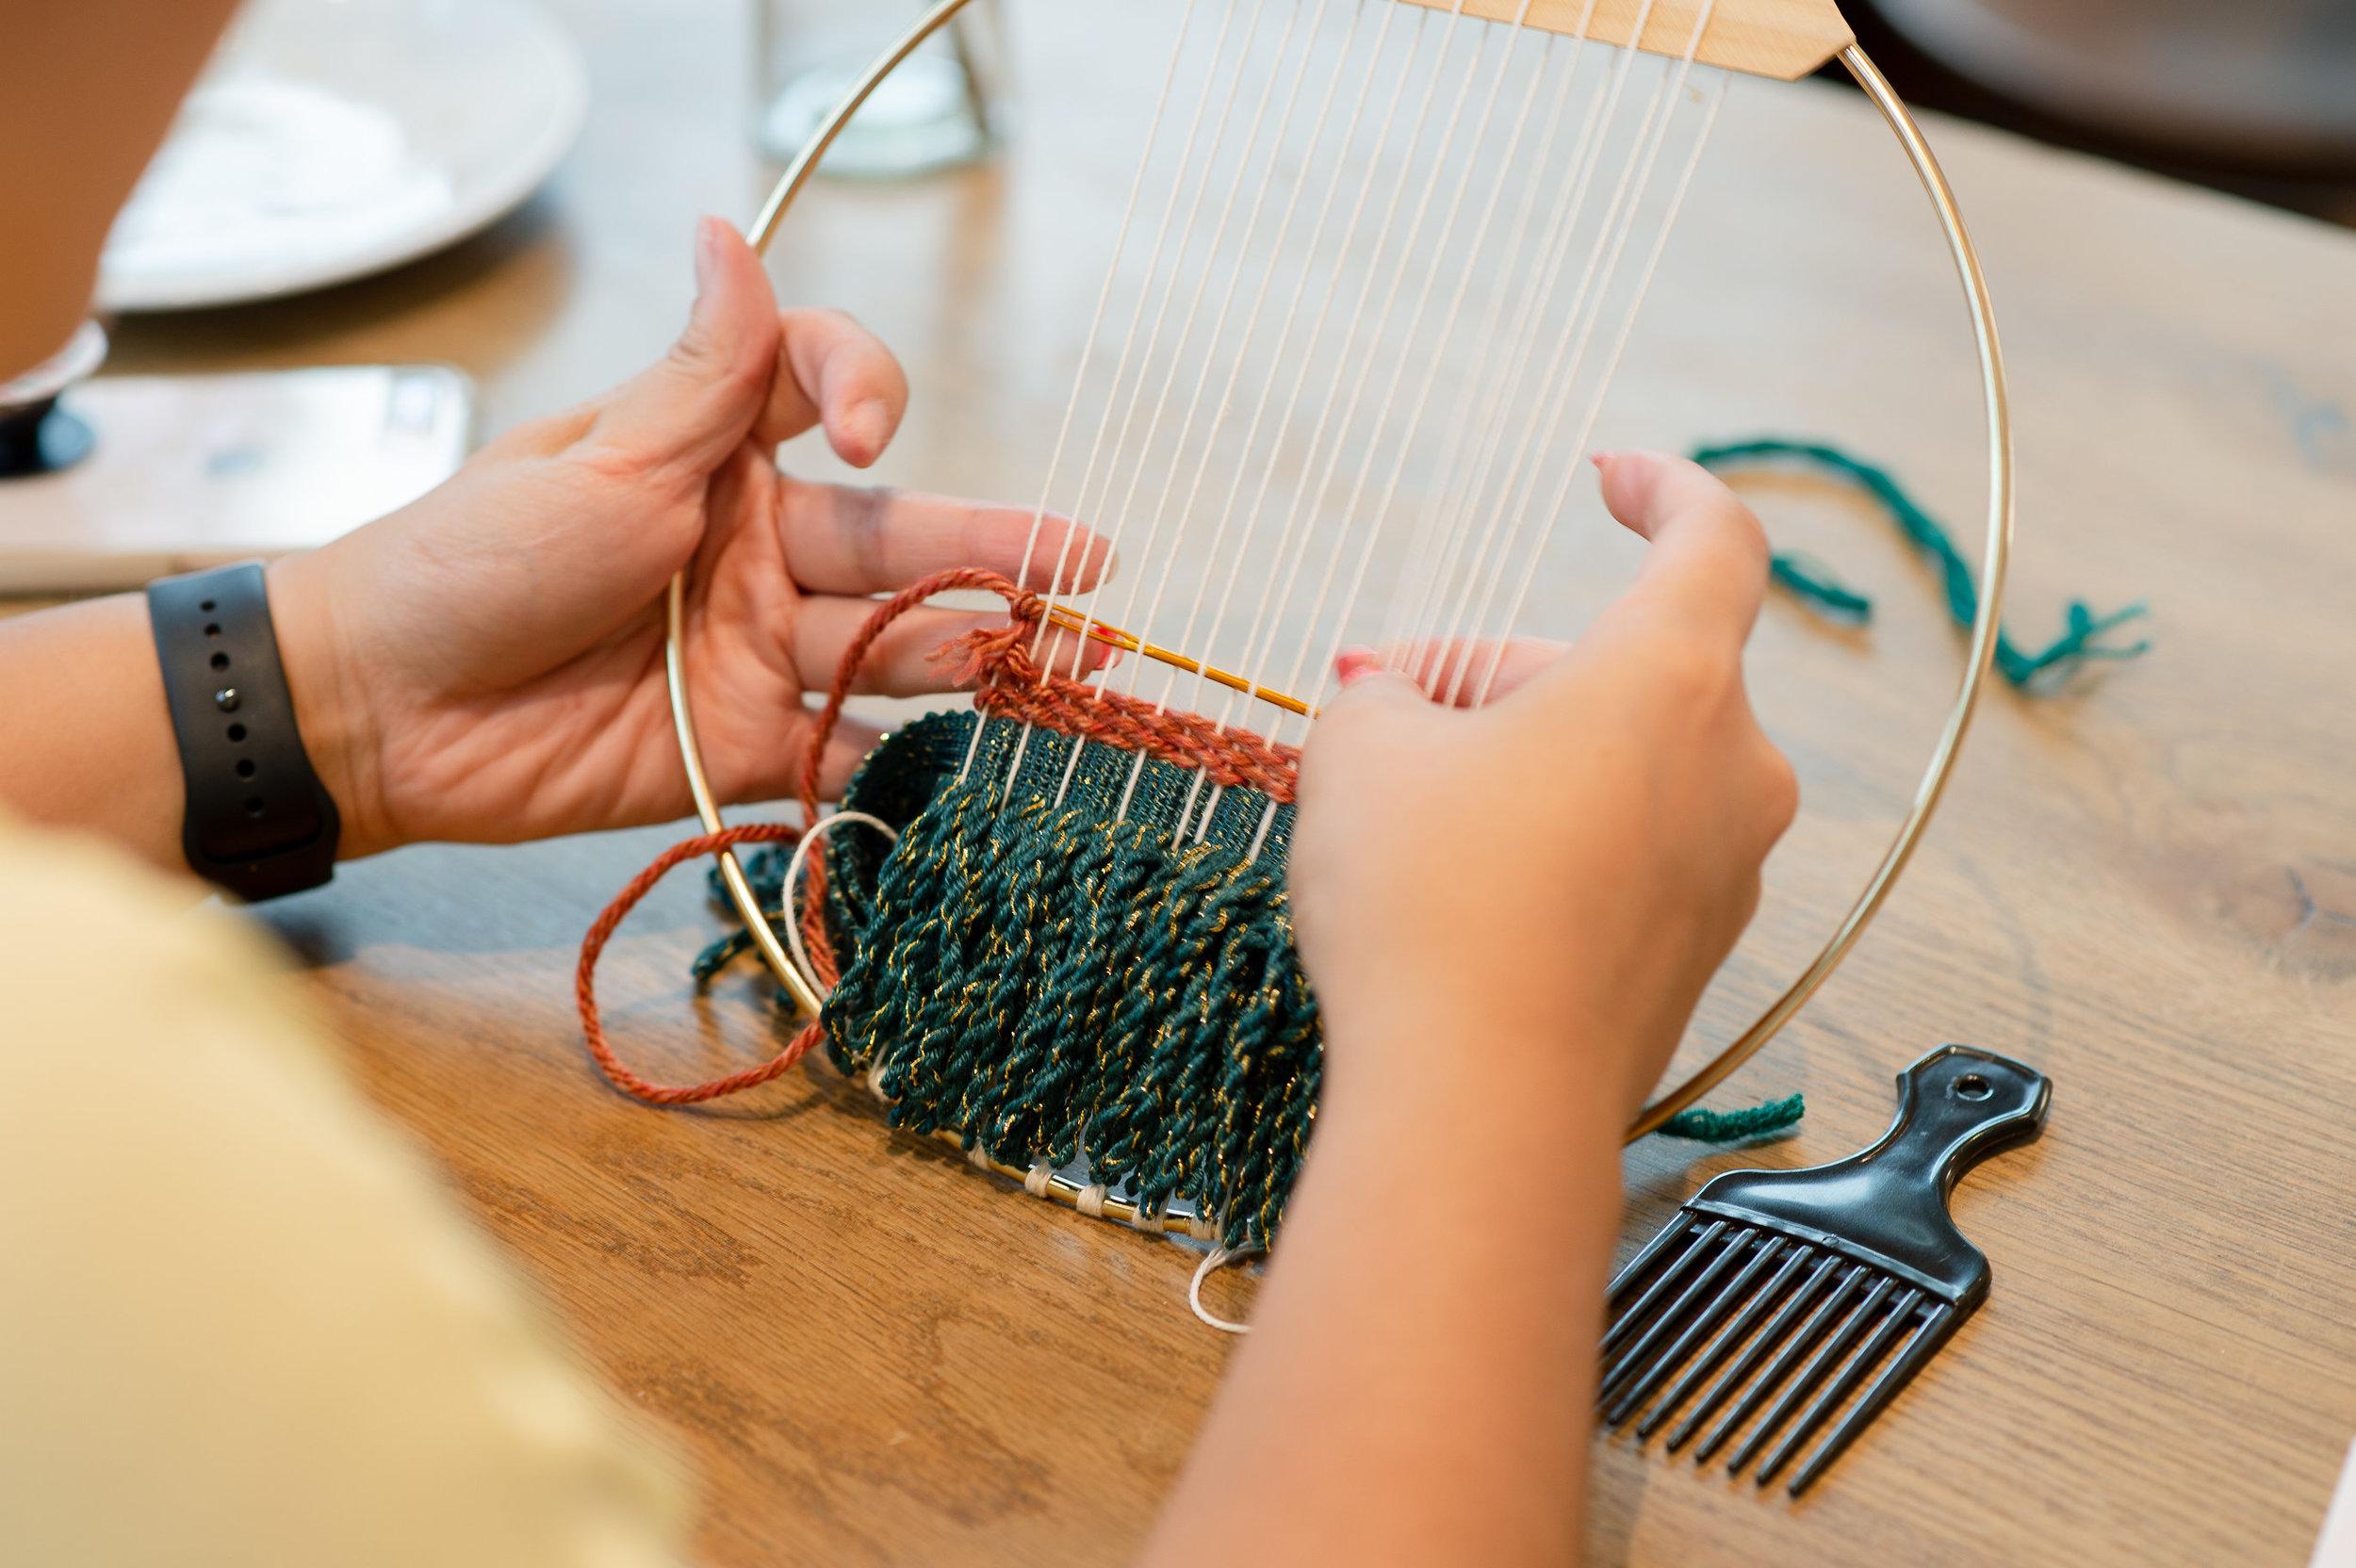 062118_WW_Weaving-39.jpg